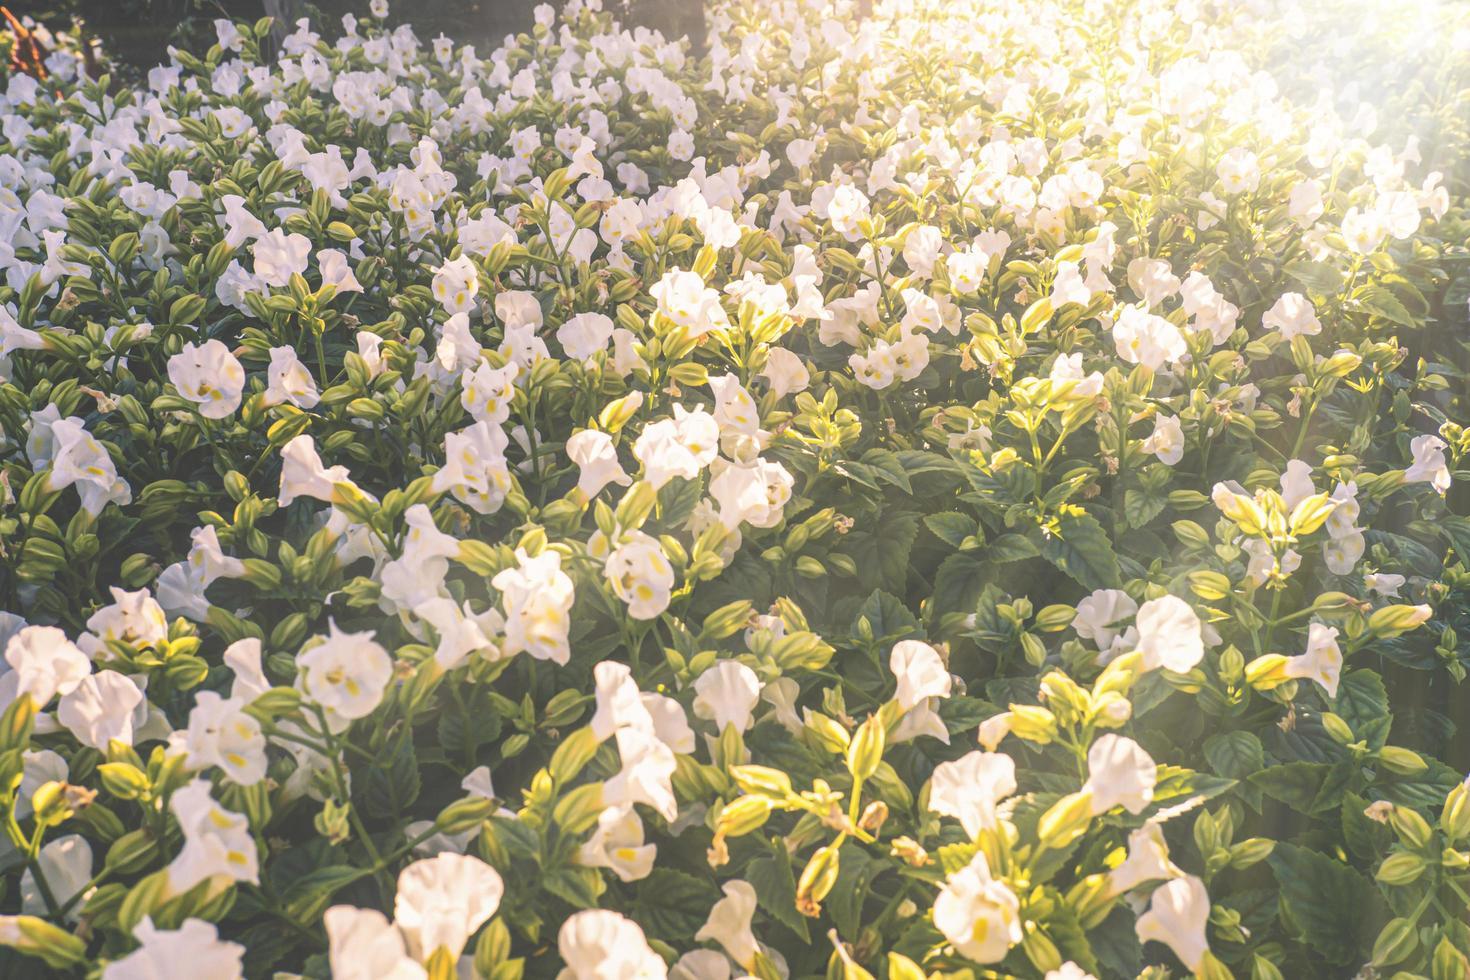 fleurs blanches au soleil photo